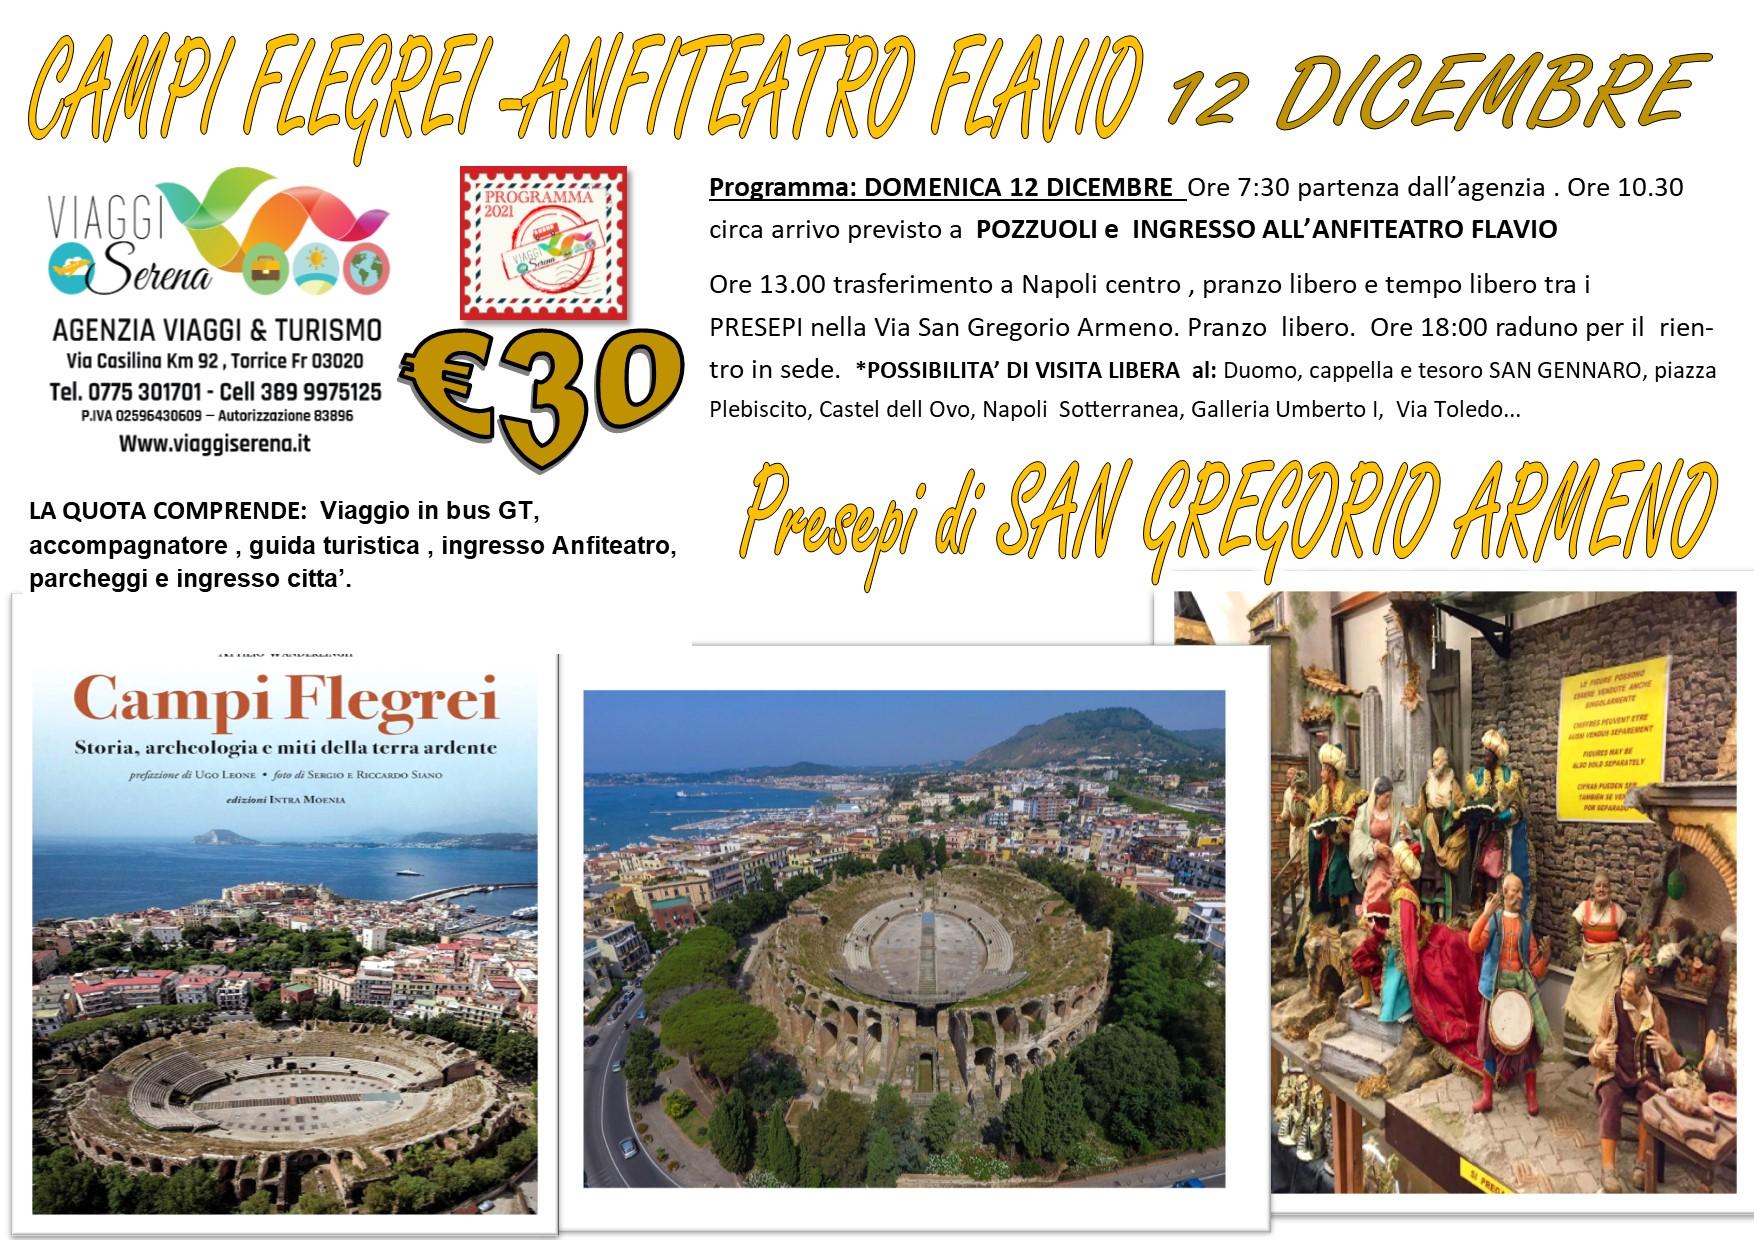 Viaggi di Gruppo: Campi Flegrei, Anfiteatro Flavio & Presepi di Napoli 12 Dicembre € 30,00